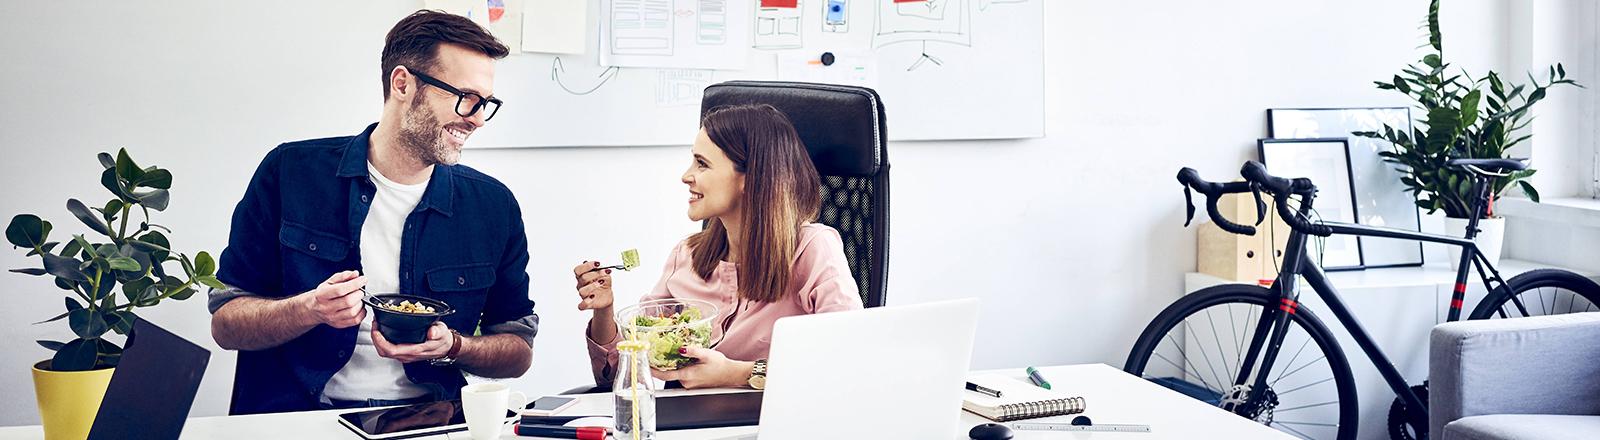 Zwei Menschen unterhalten sich beim Essen im Büro